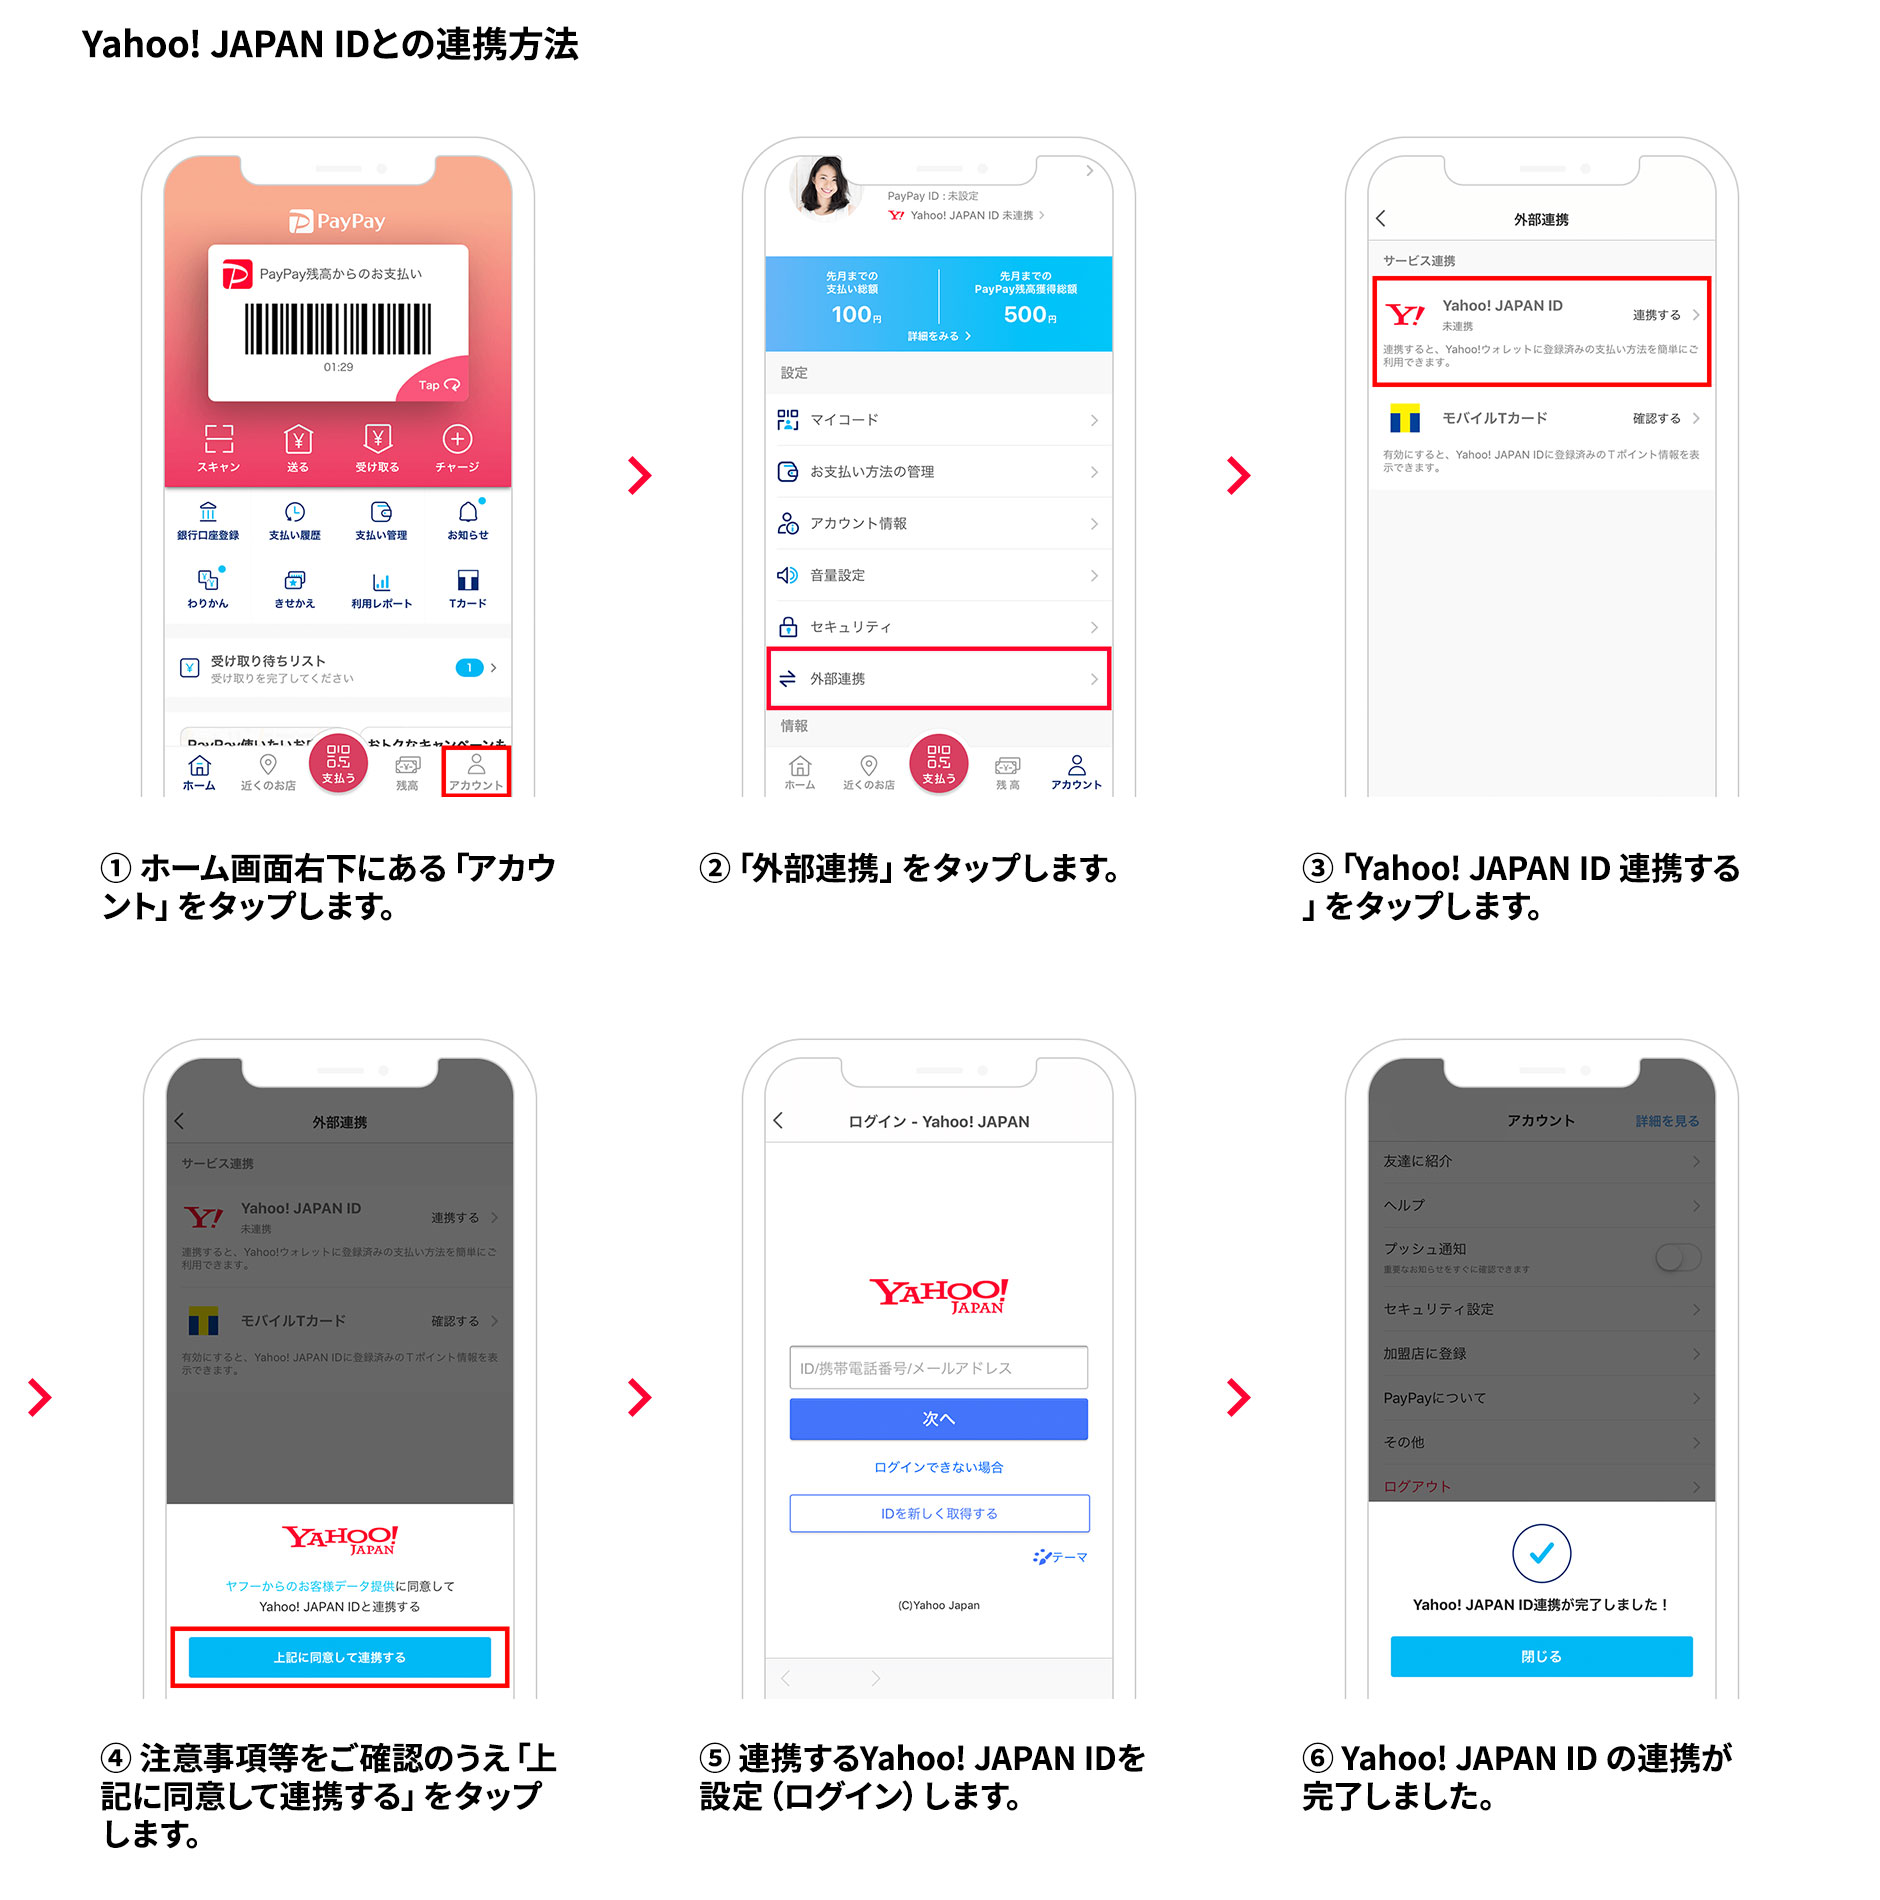 Yahoo!JAPAN IDとの連携方法